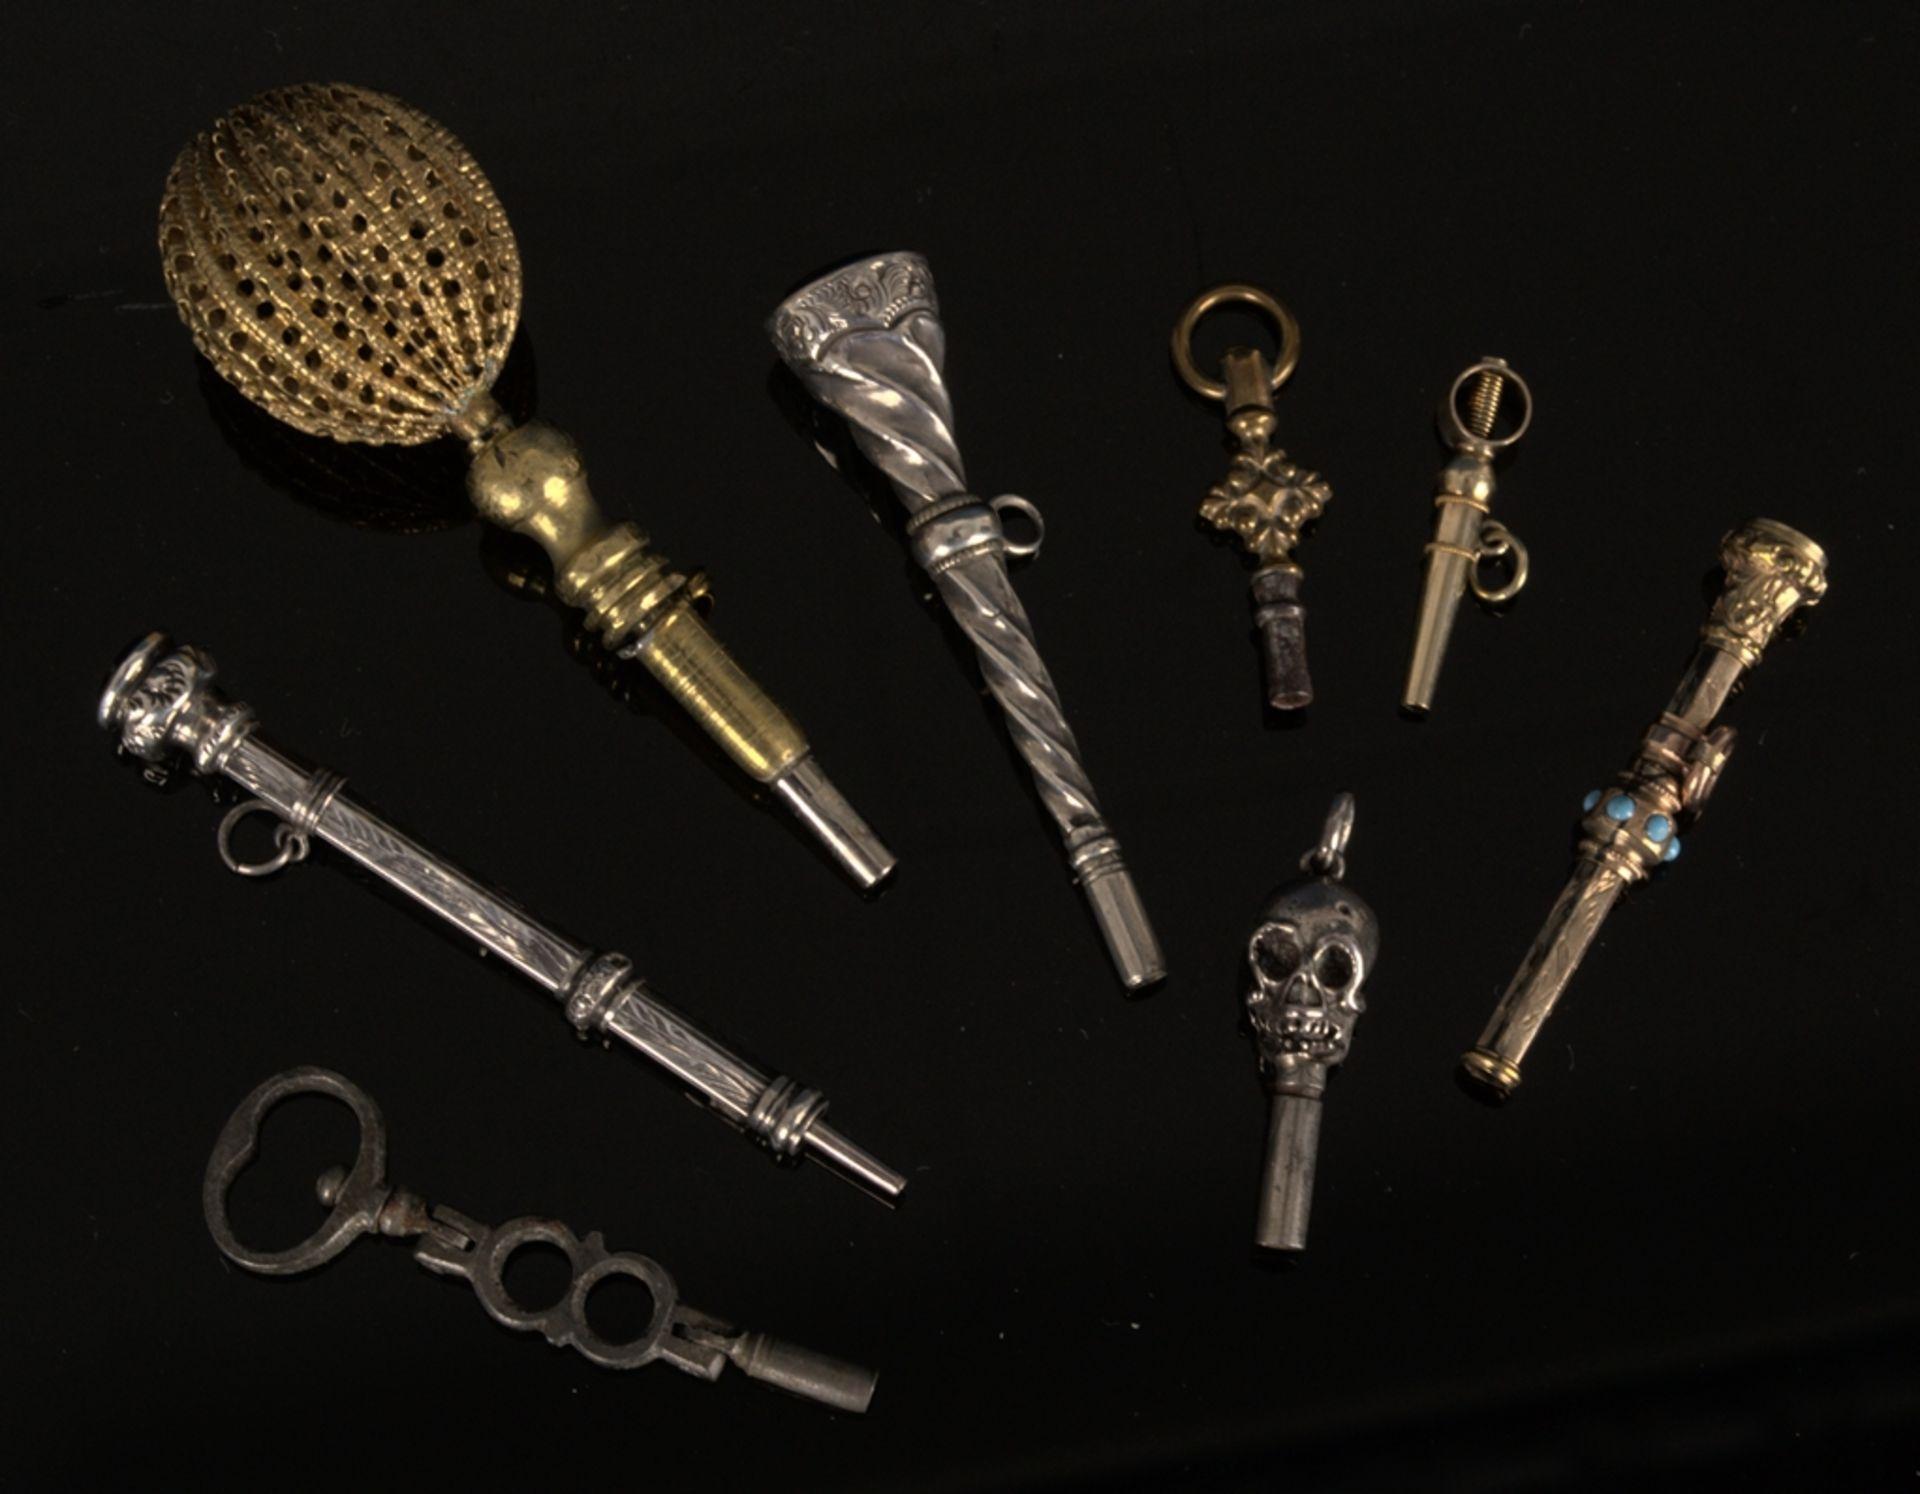 8teilige Sammlung versch. Taschenuhrenschlüssel, überwiegend 19. Jhd. Versch. Alter, Größen, - Bild 2 aus 24